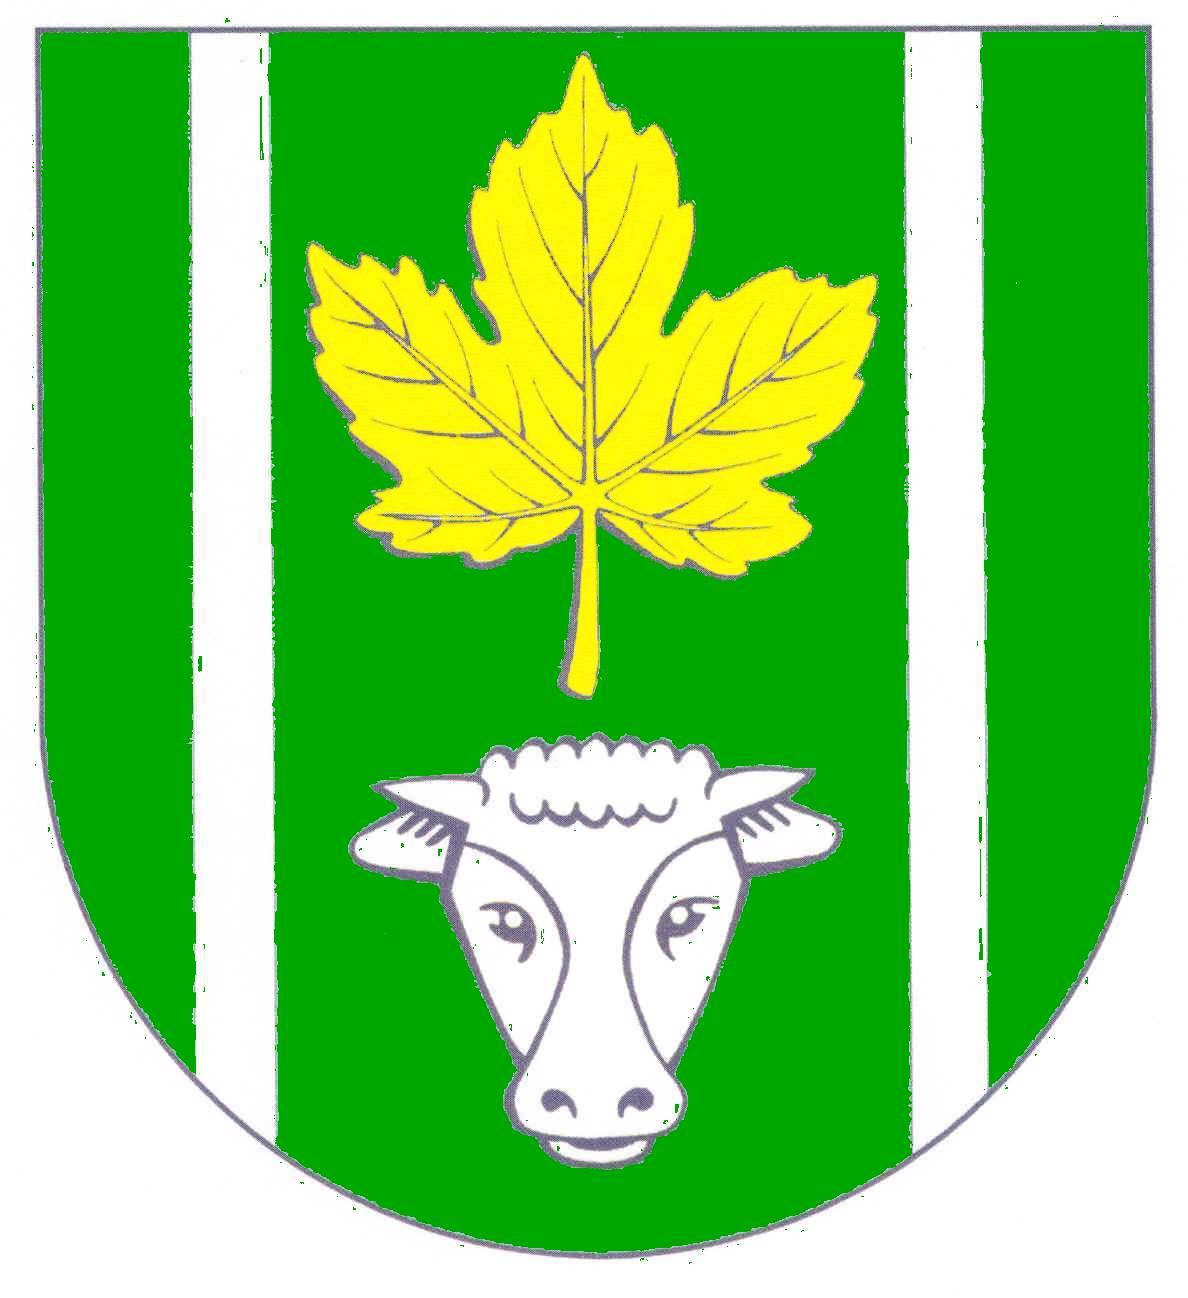 Wappen GemeindeKaisborstel, Kreis Steinburg